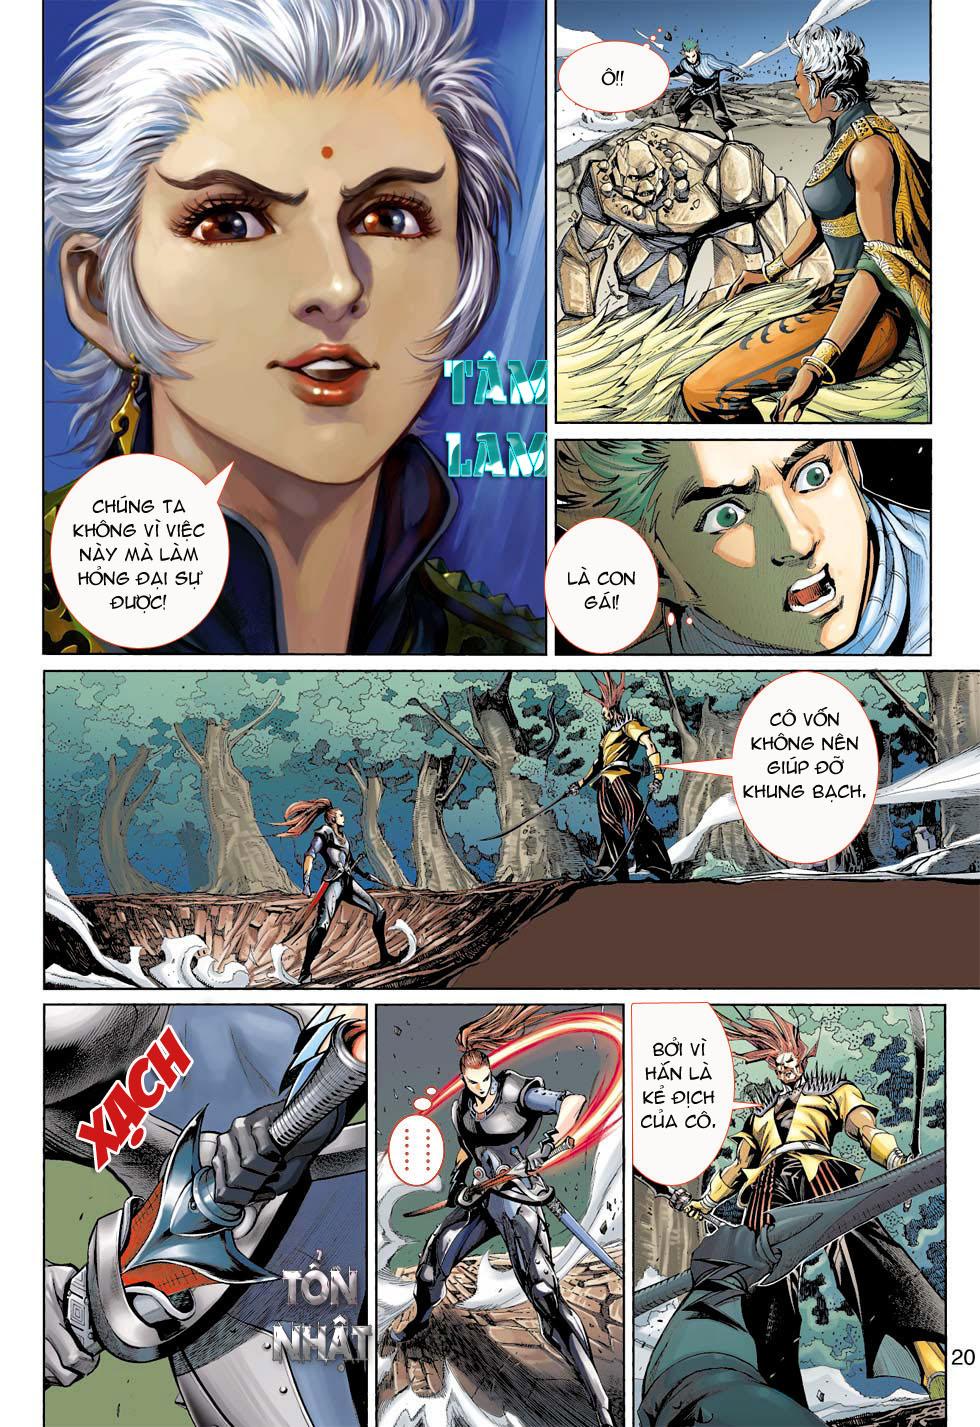 Thần Binh 4 chap 7 - Trang 20